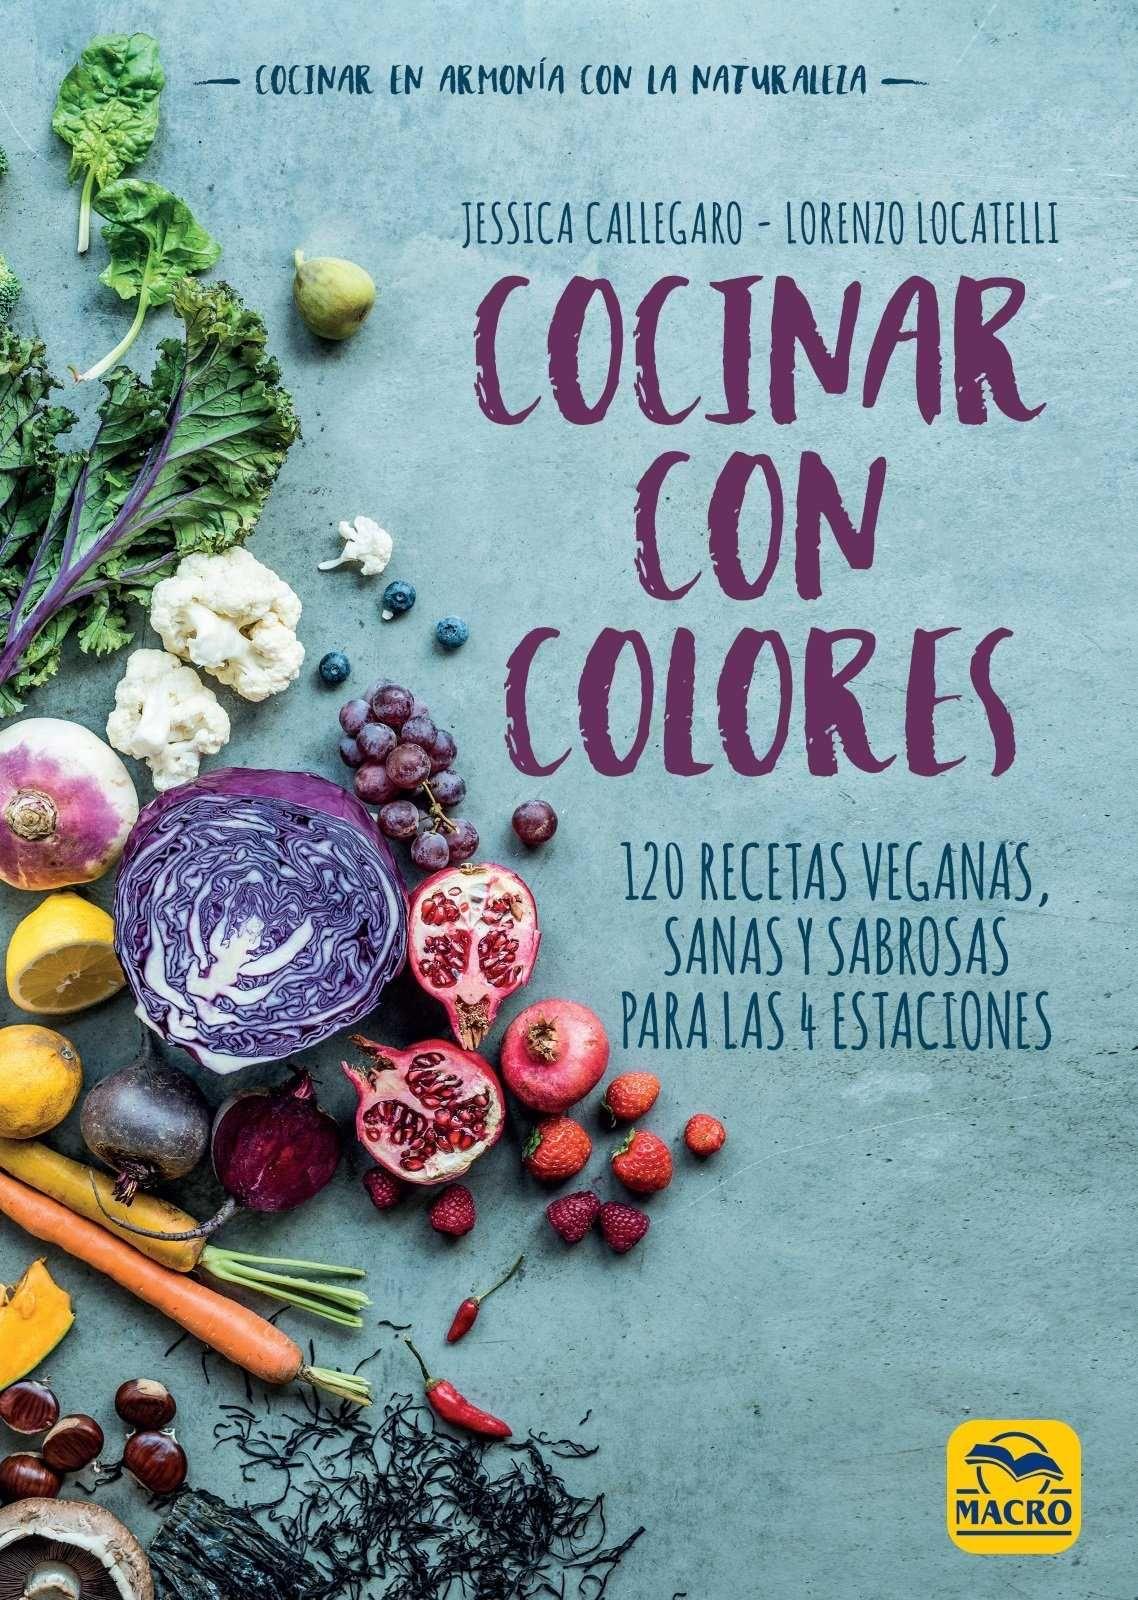 COCINAR CON COLORES